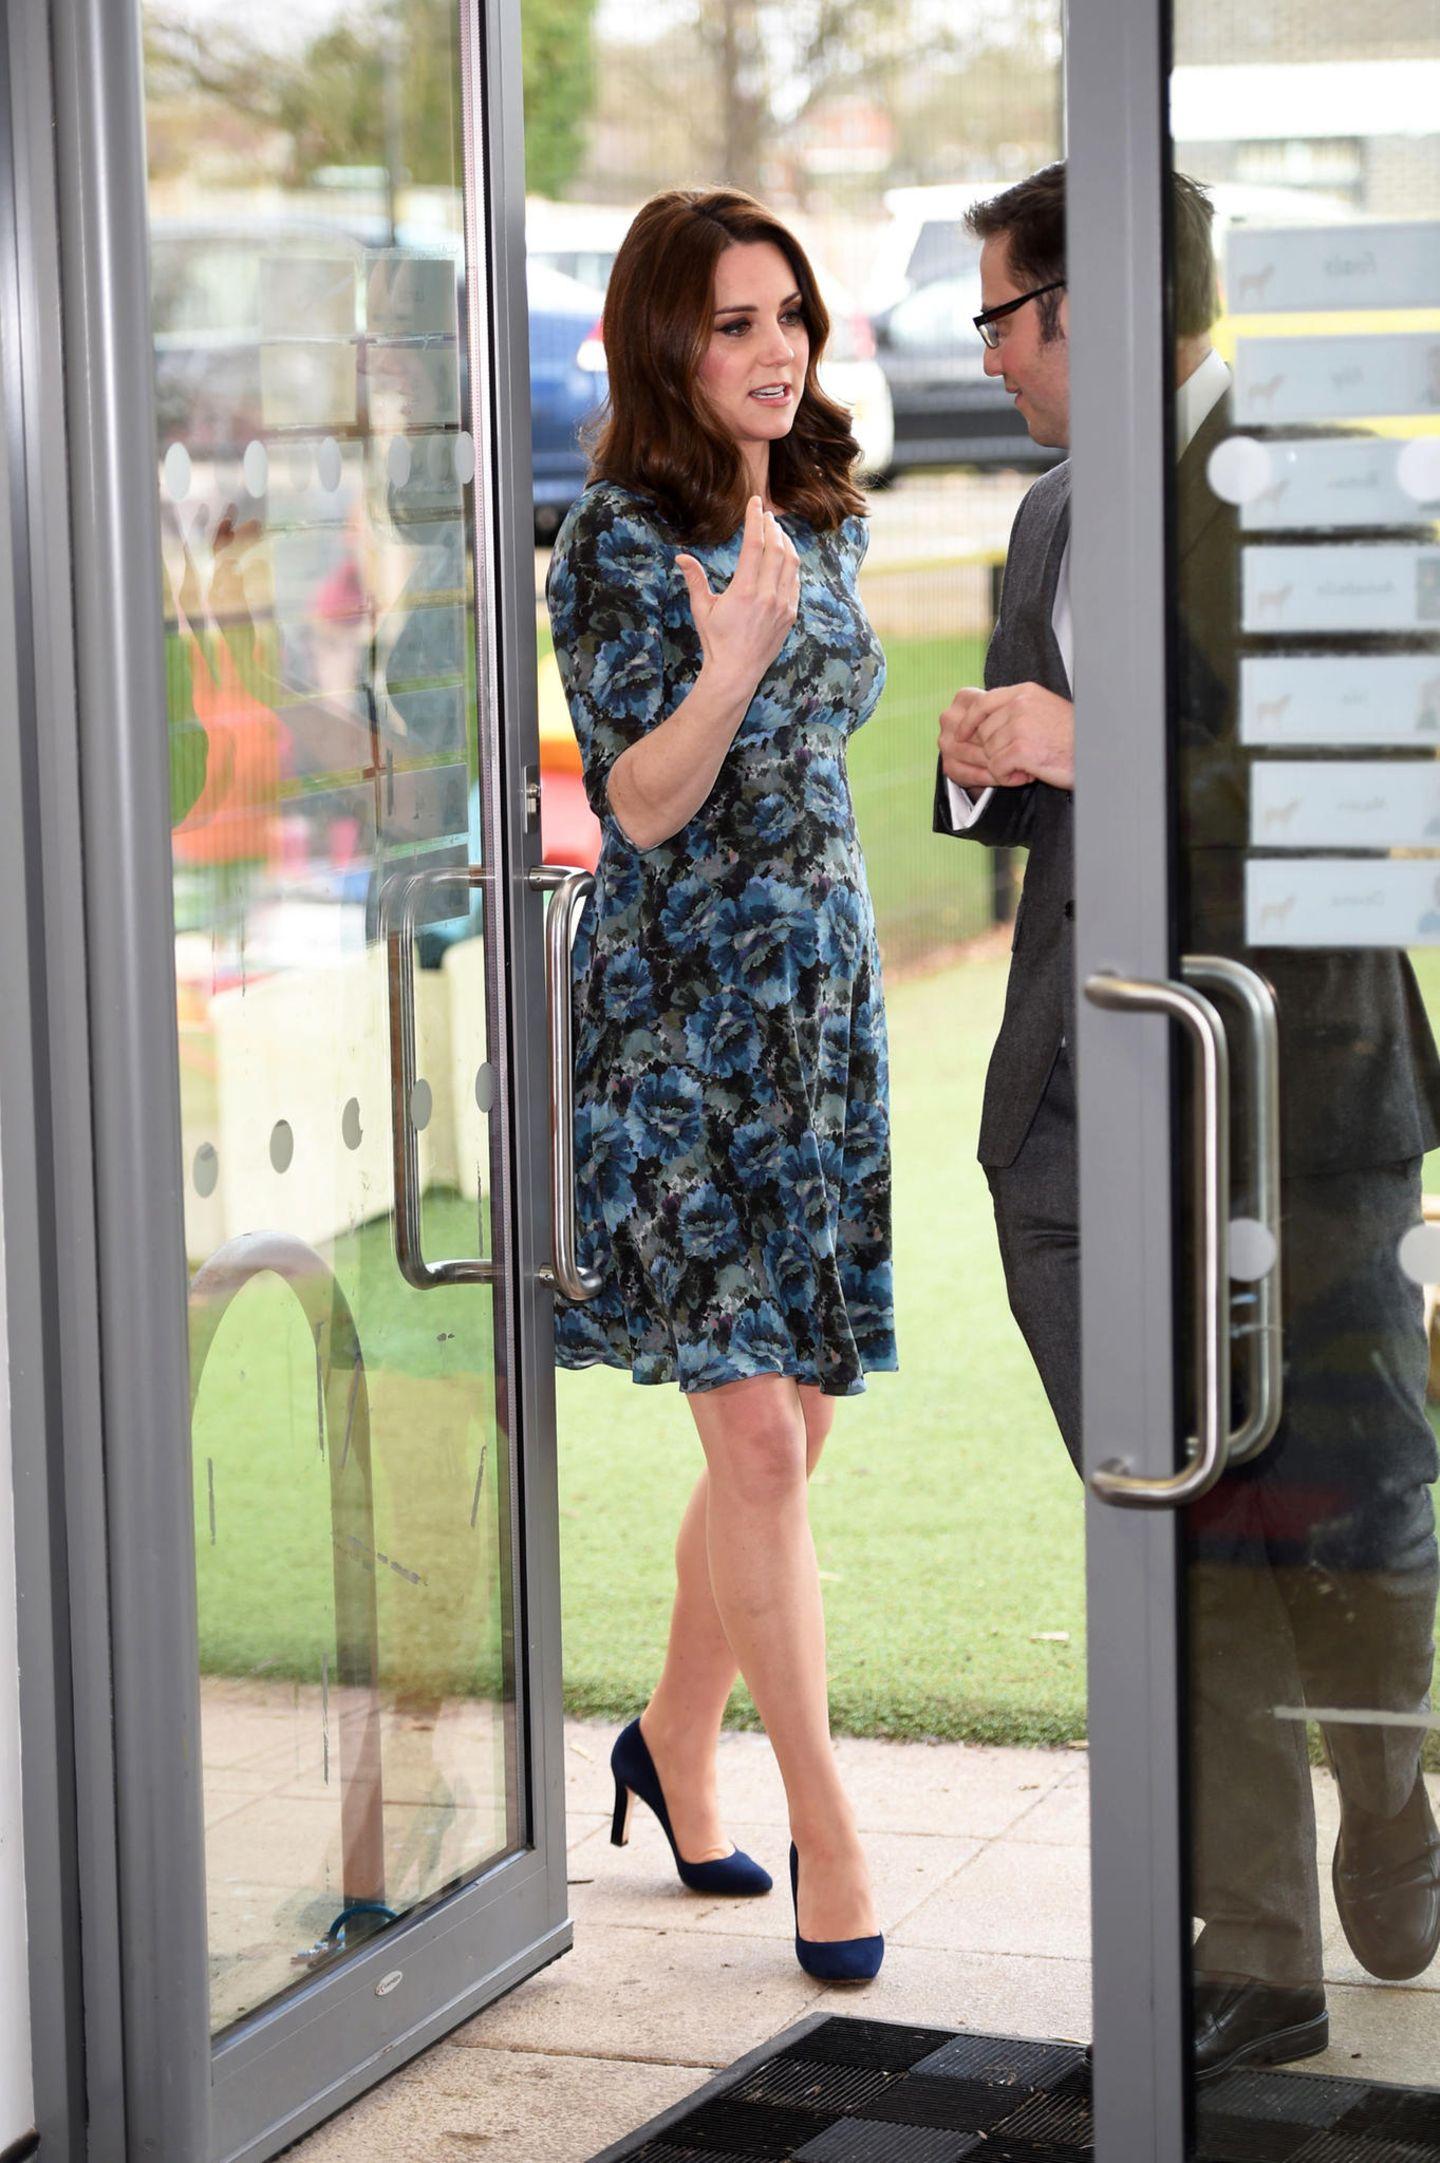 Denn Catherine entschied sich für ein blumiges Kleid in Blautönen des Labels Seraphine für schlappe 74 Euro. Es ist ein Umstandsmoden-Kleid, welches sie bereits während der Schwangerschaft mit Prinzessin Charlotte trug.